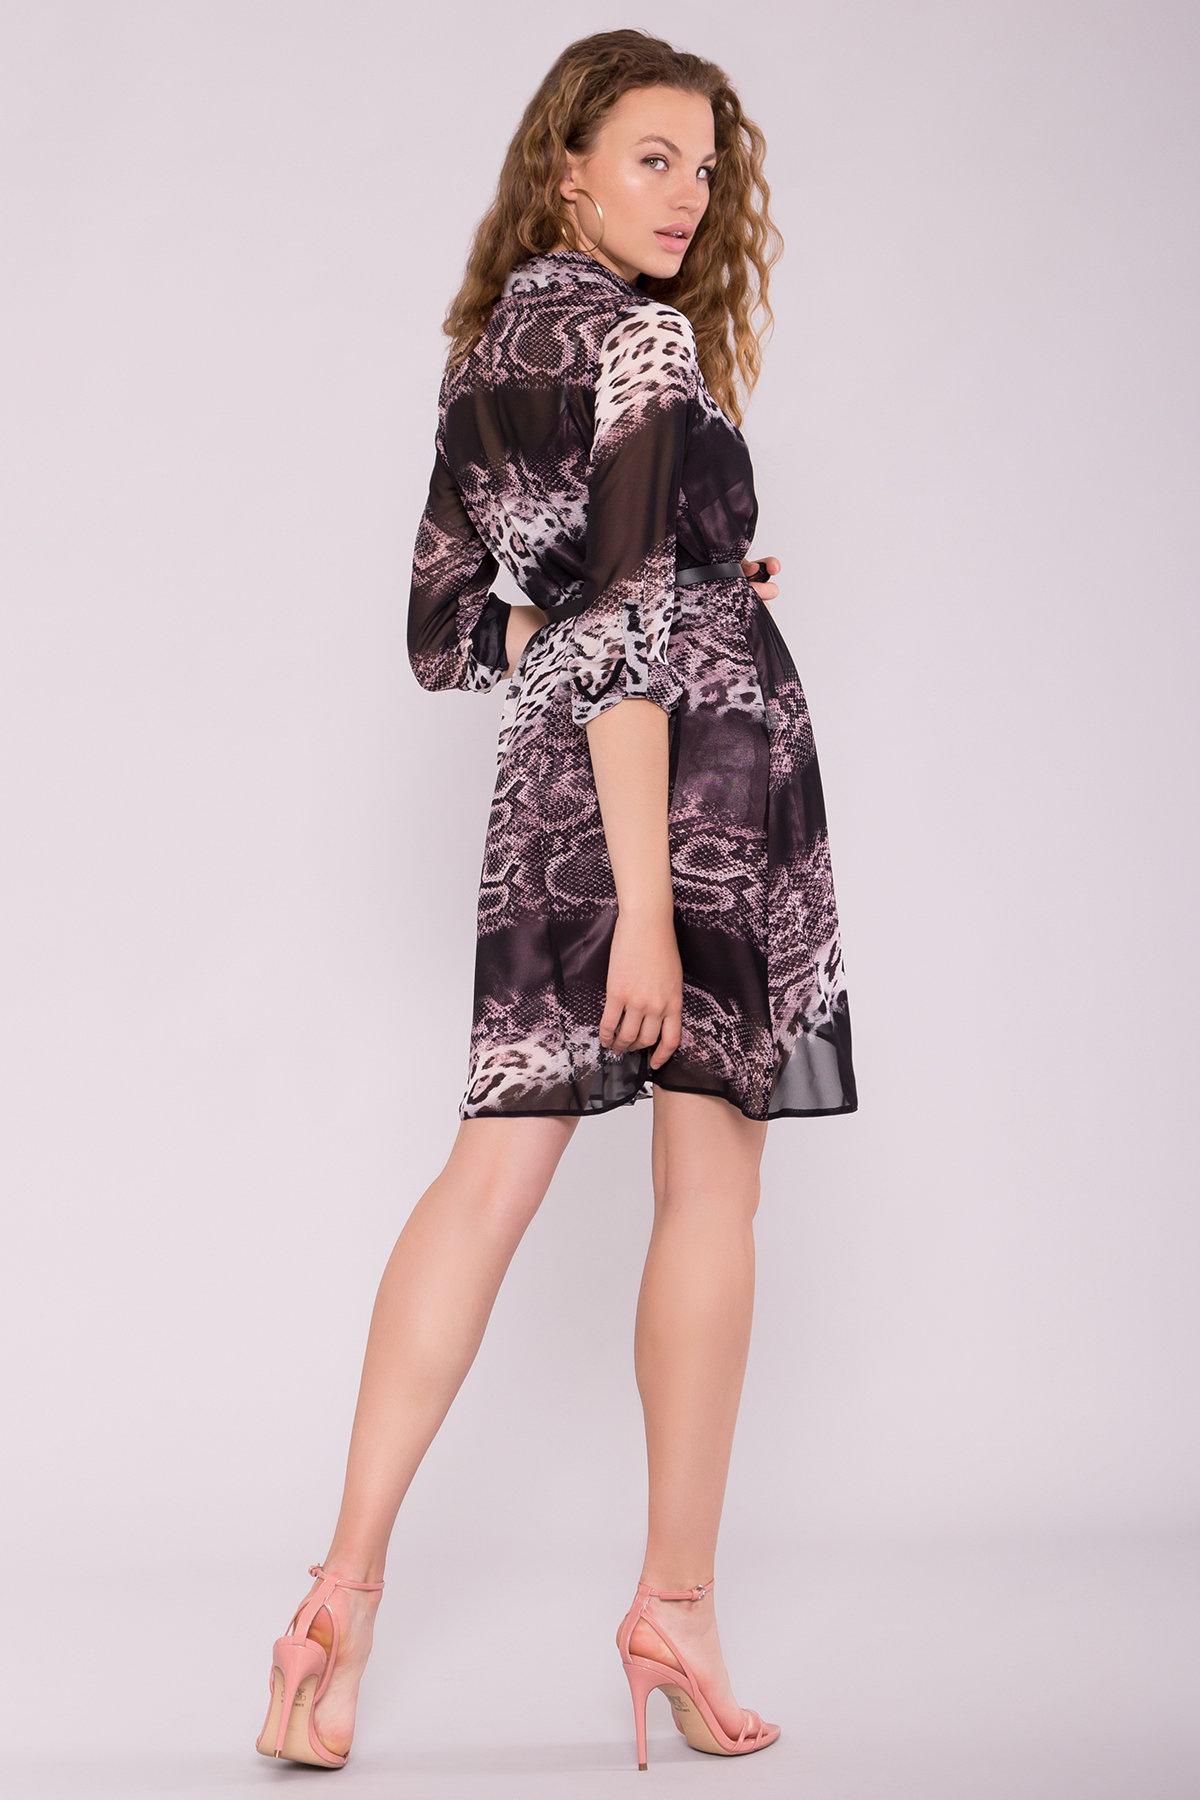 Платье-рубашка Сохо 6783 АРТ. 42514 Цвет: Леопард цветы молоко/беж - фото 2, интернет магазин tm-modus.ru